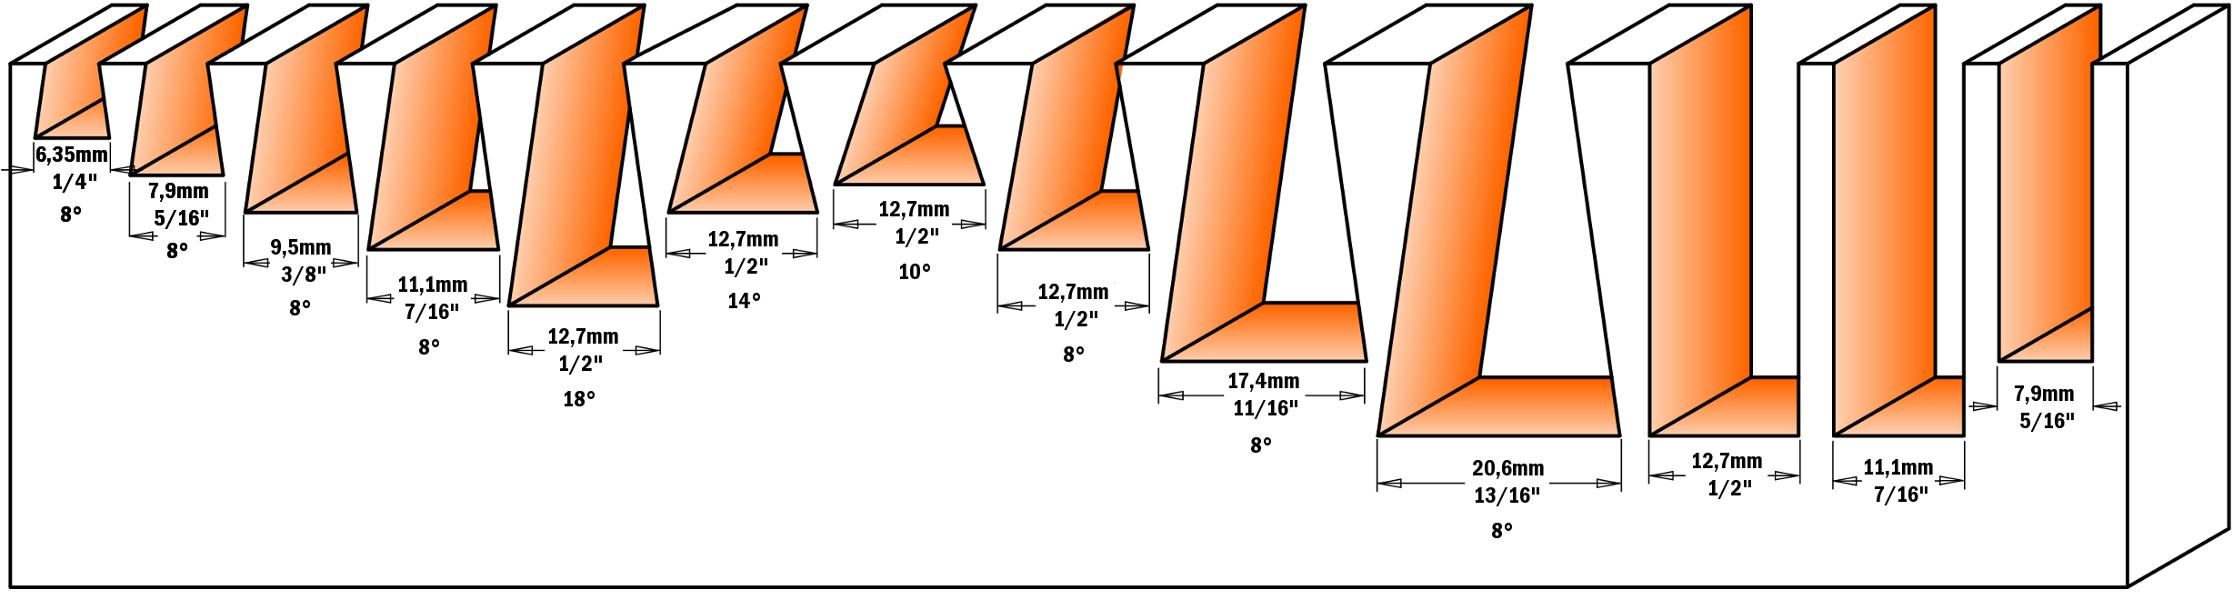 Шаблон ласточкин хвост для фрезера чертежи